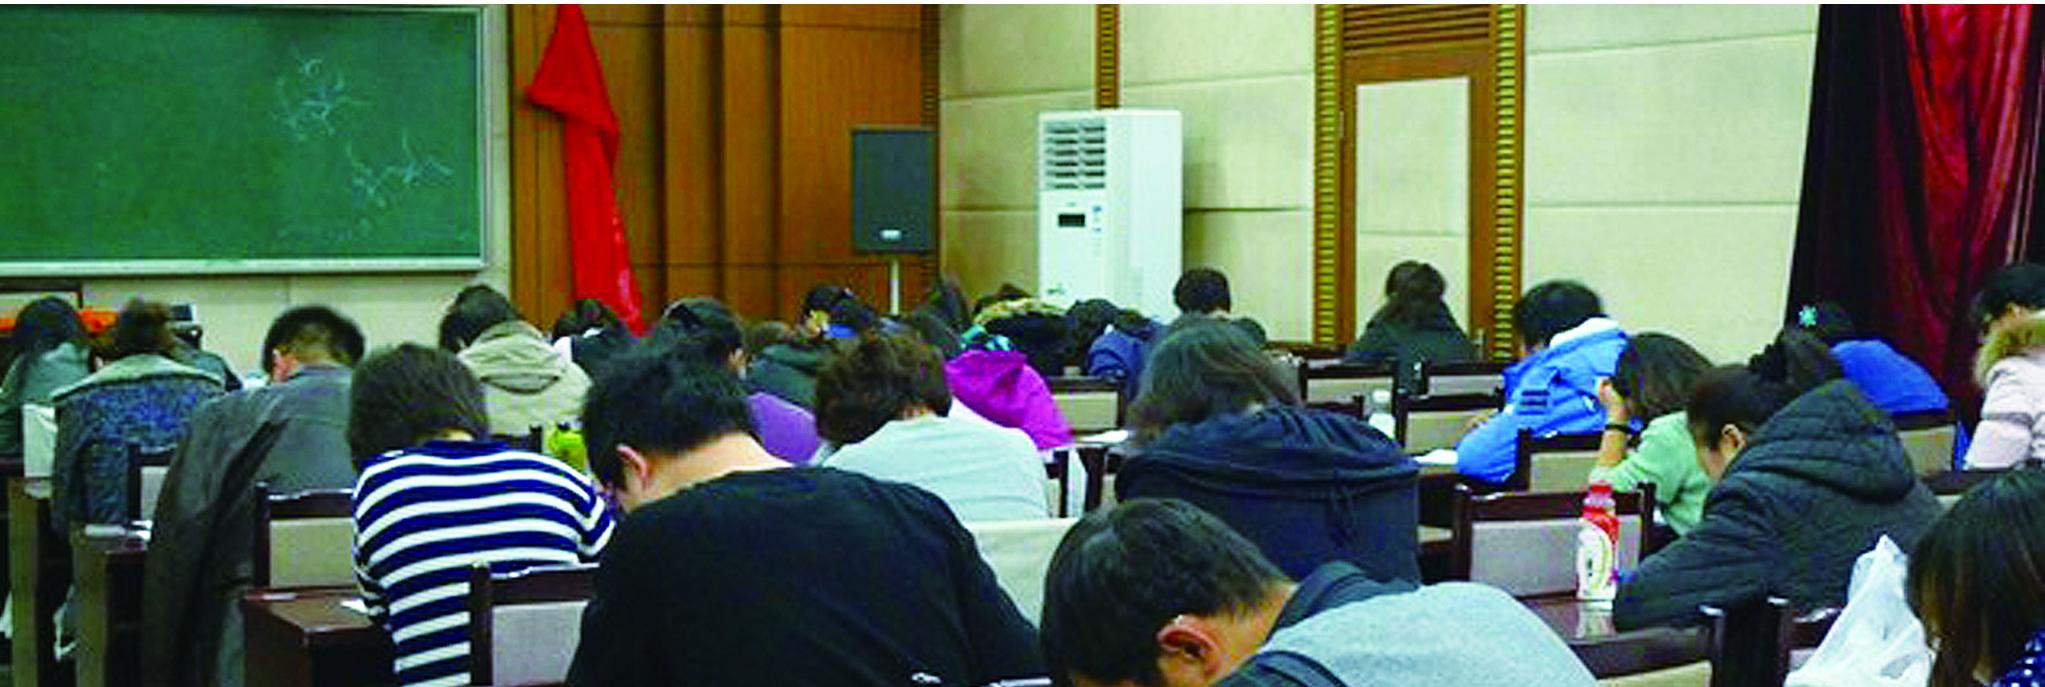 全国中小学英语教师教学技能大赛